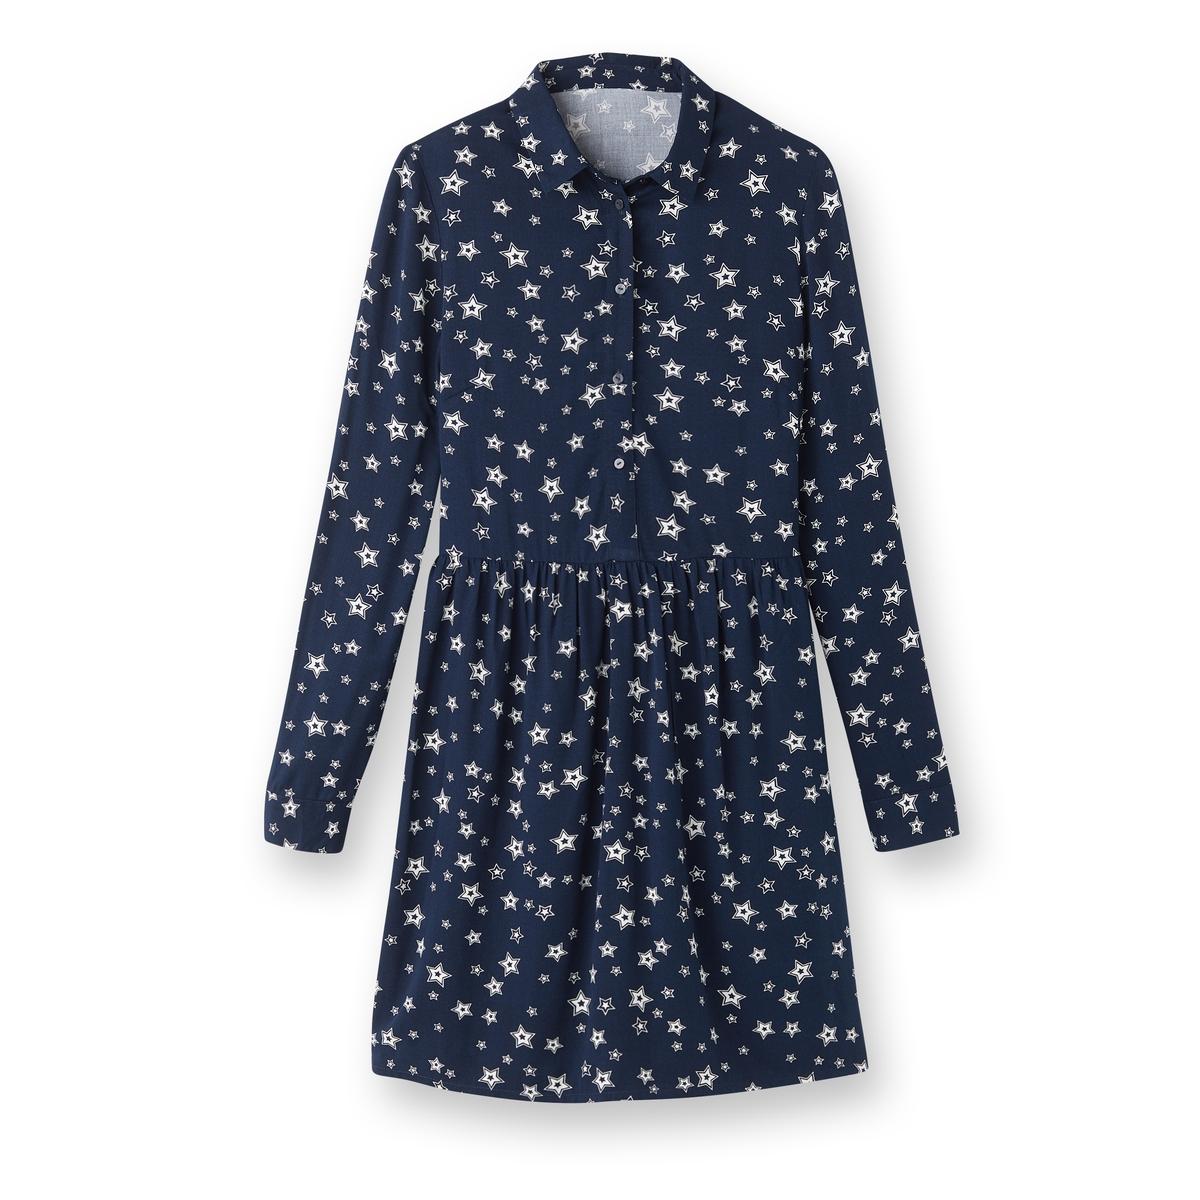 Платье-рубашка из вискозы с рисунком звезды